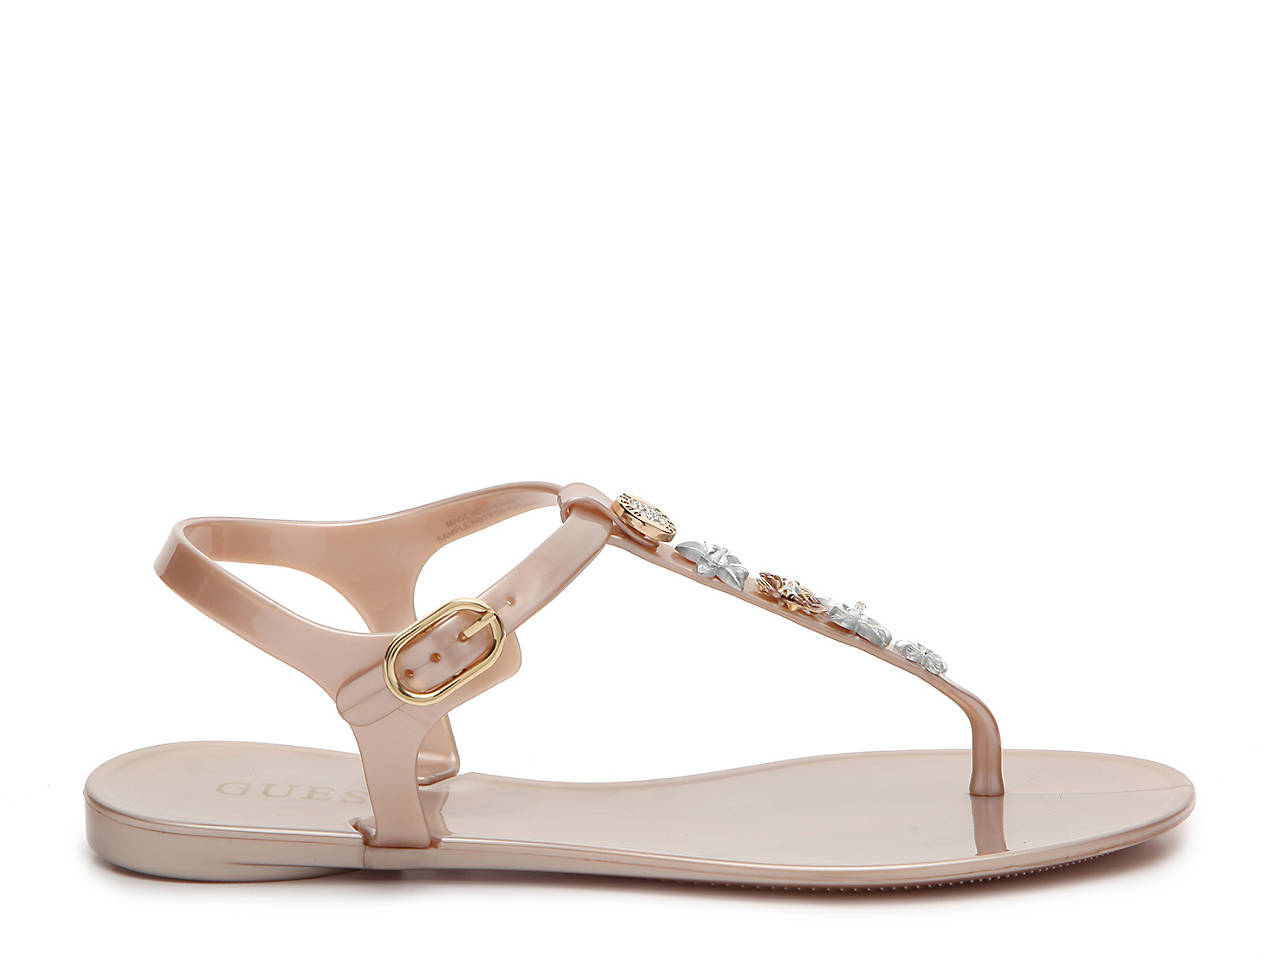 8cec4cd32a5 Guess Addison Flat Sandal Women s Shoes